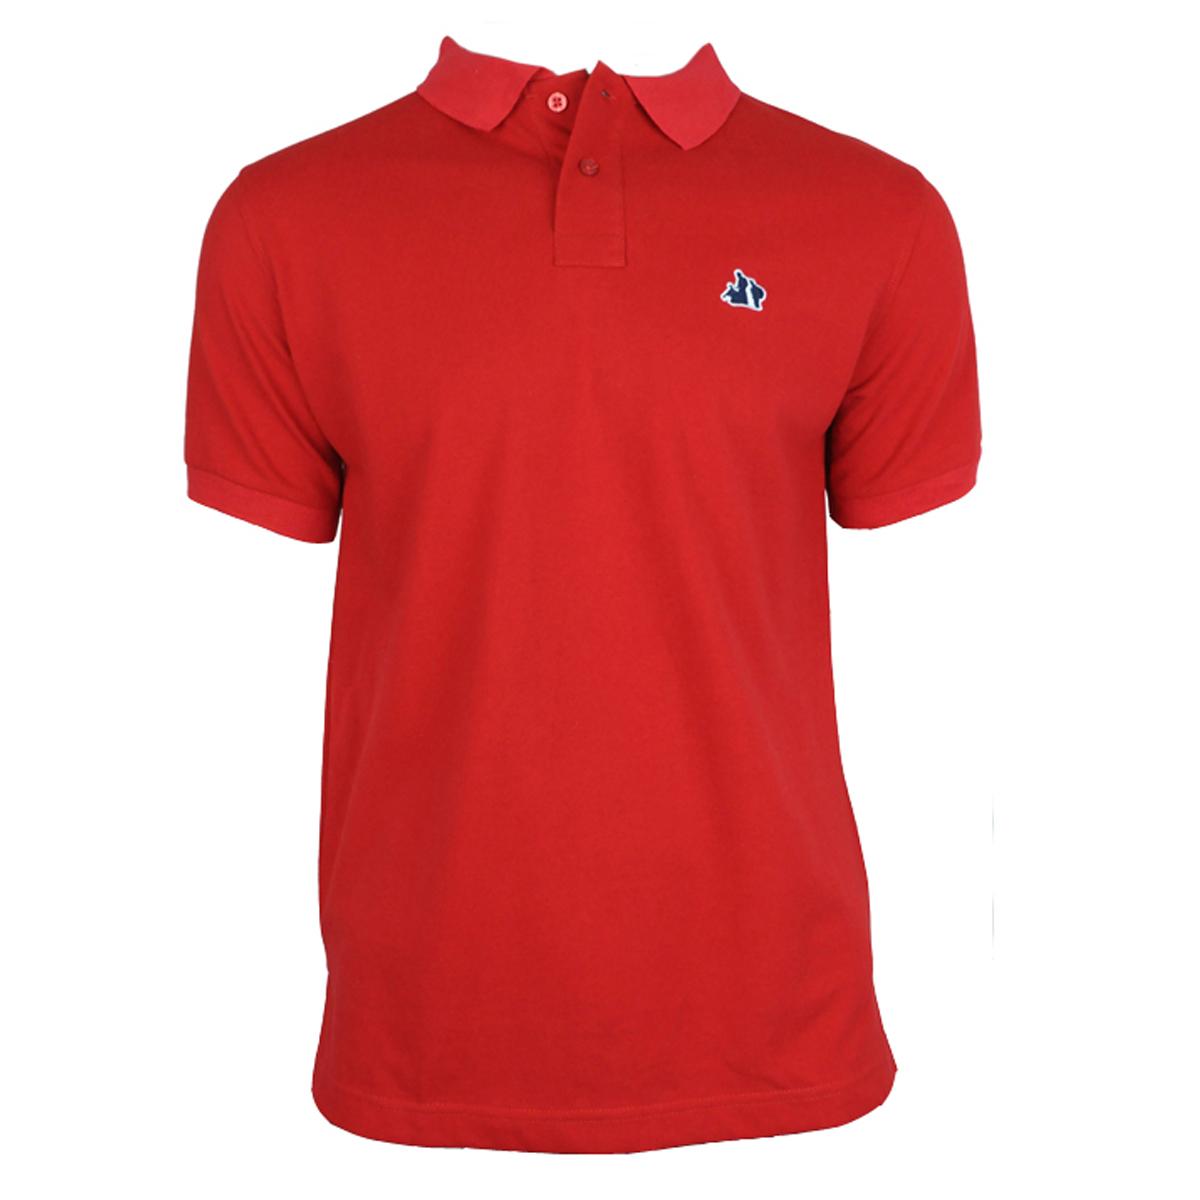 Mens Designer Quality Classic Cotton Pique Polo Shirt Top